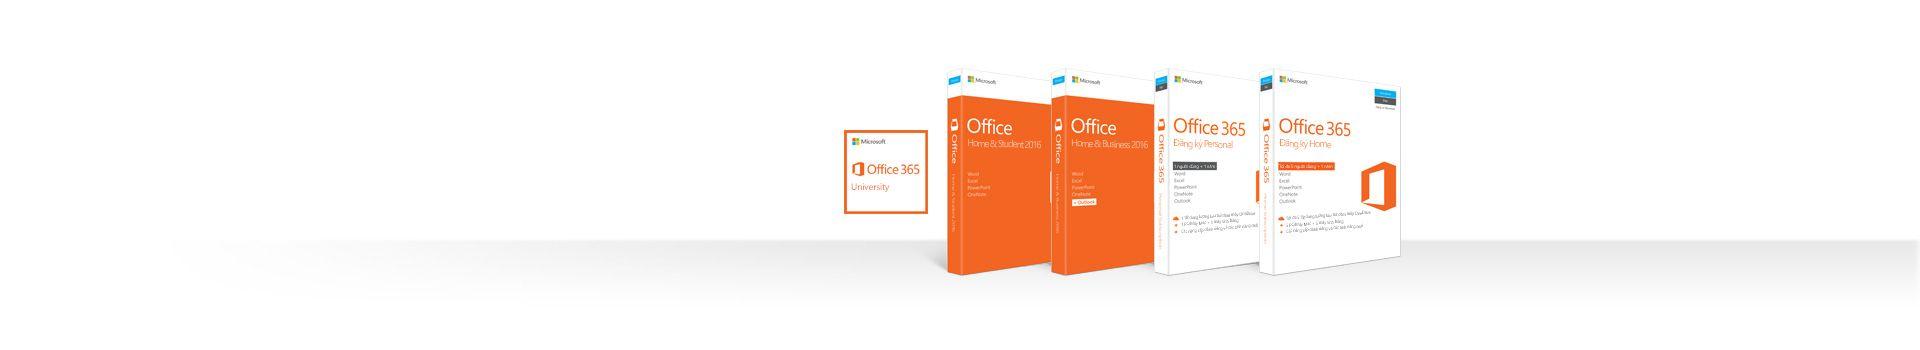 Một hàng hộp thể hiện đăng ký Office và các sản phẩm độc lập cho máy Mac